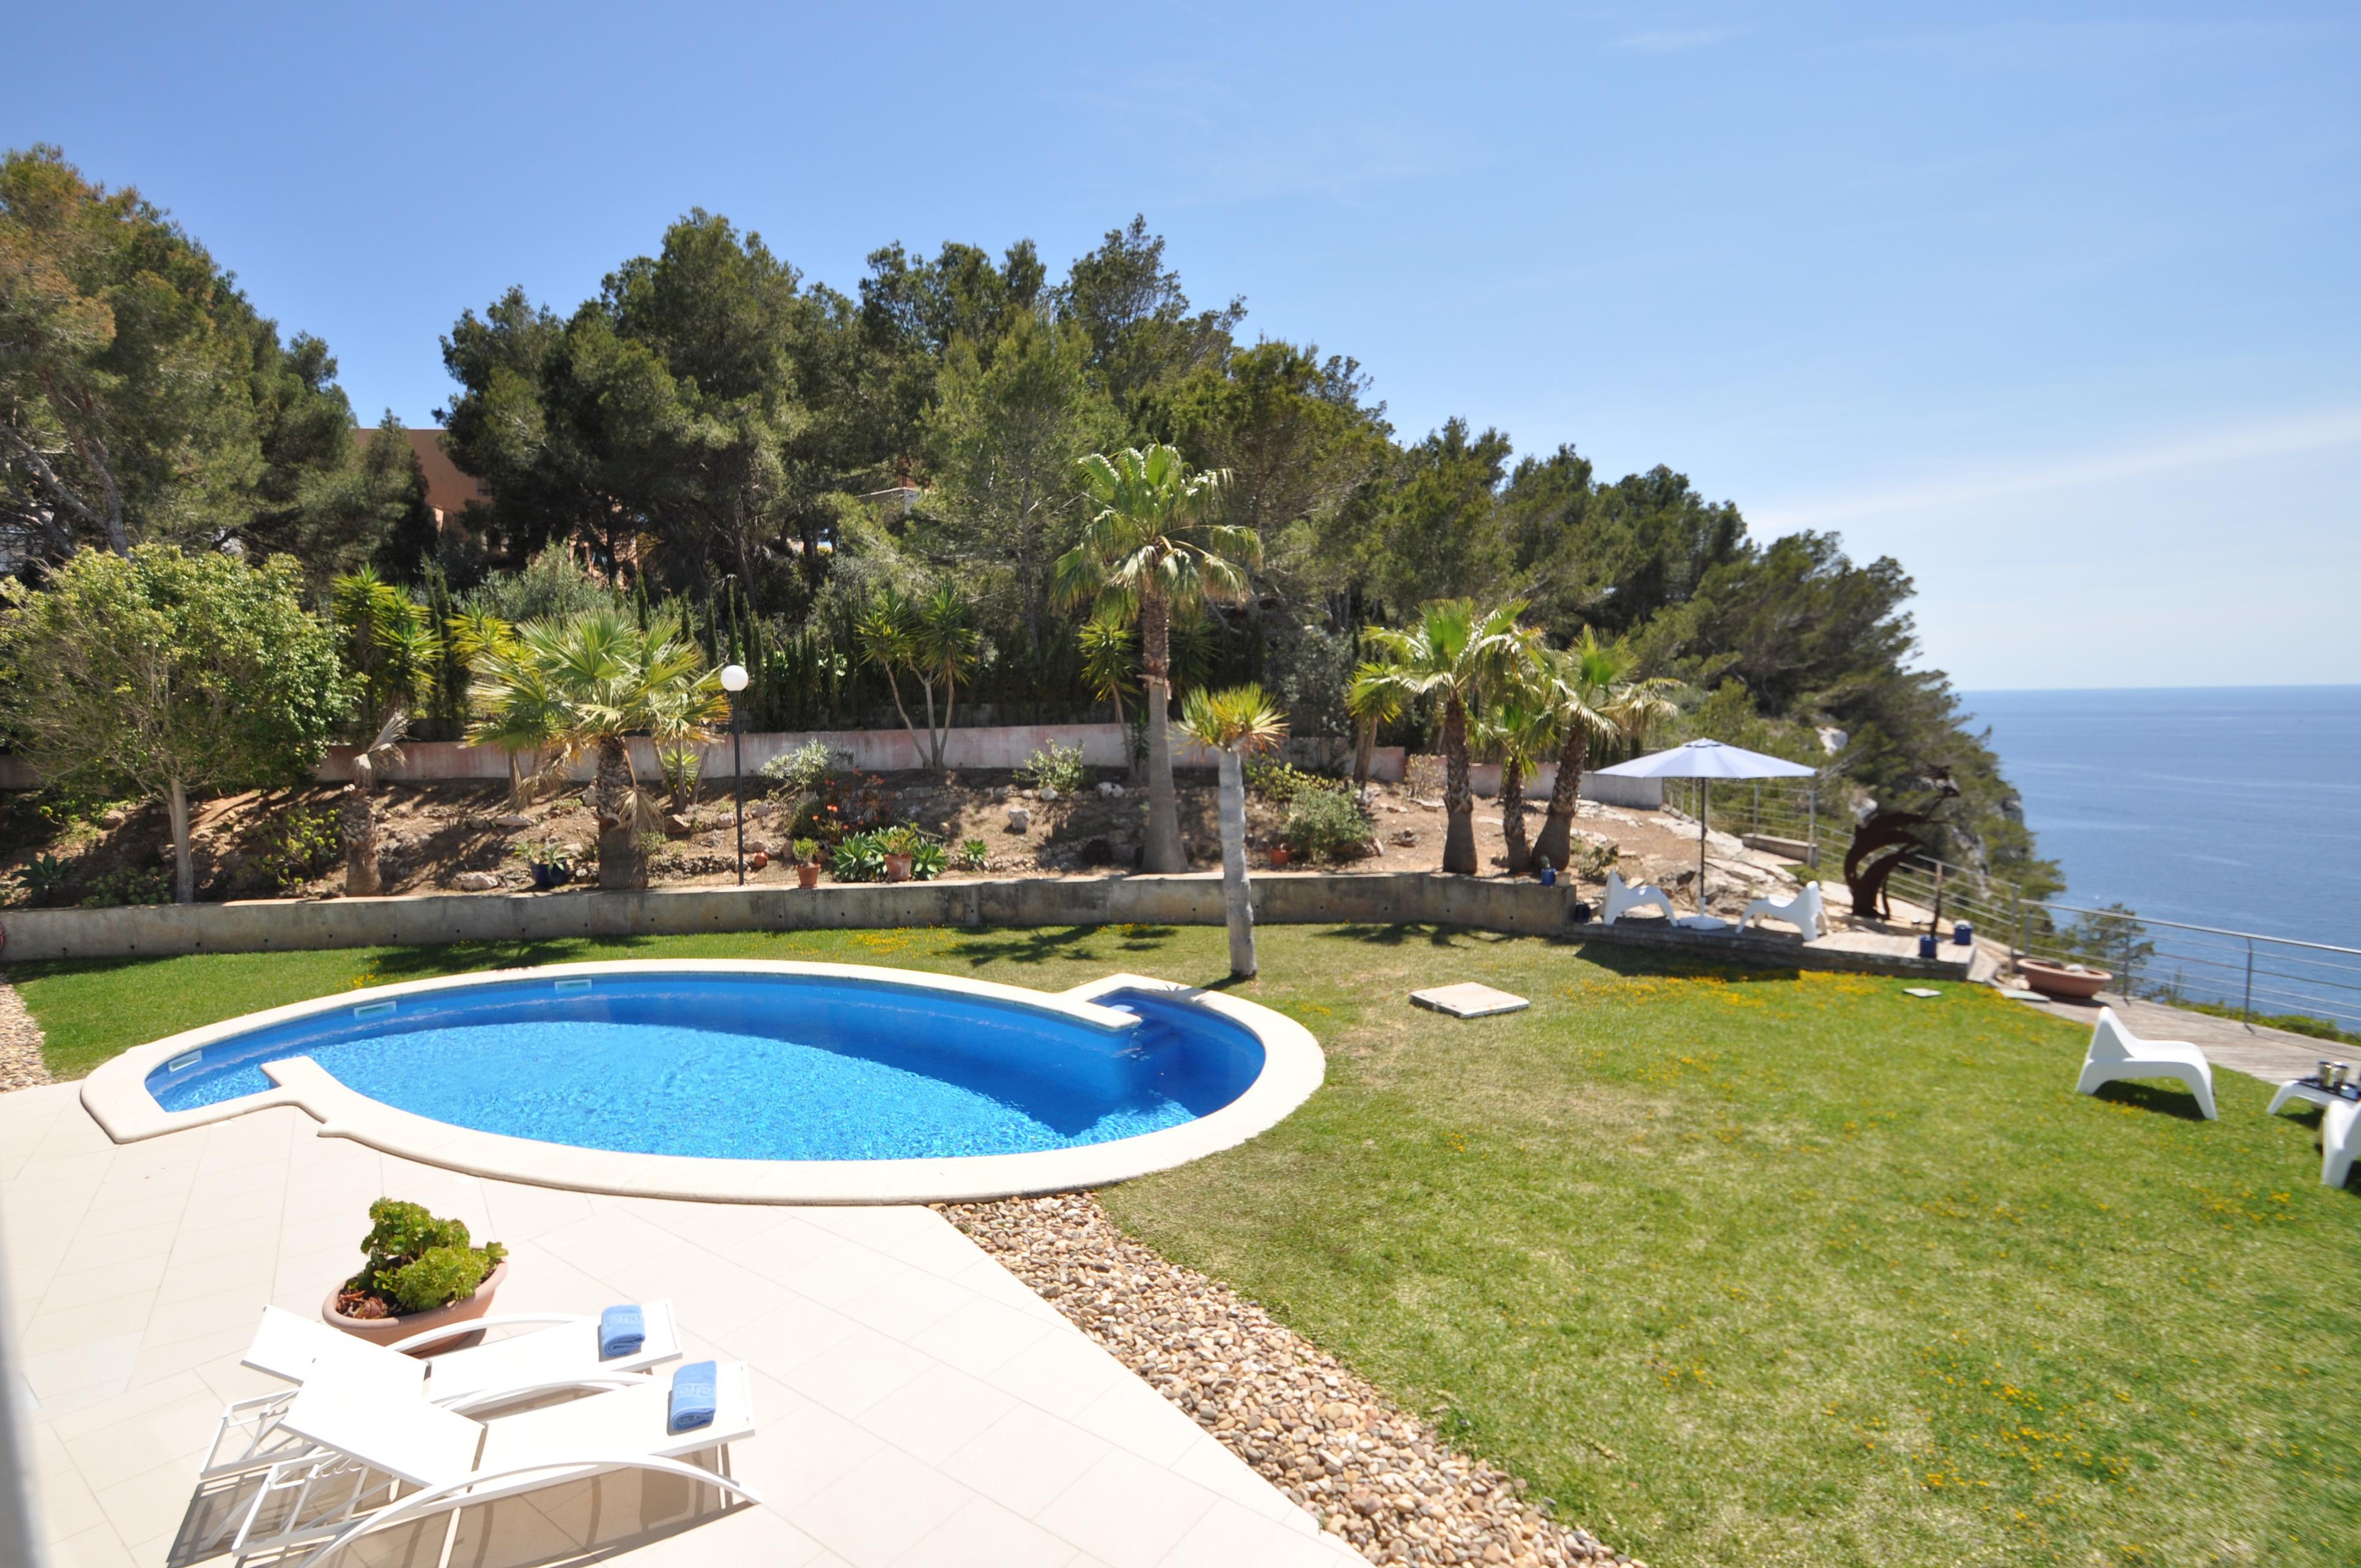 Maison de vacances VILLA BAY BLUE- Bahia Azul- Mallorca - VILLAONLINE - Kostenloses WLAN (2684052), Bahia Azul, Majorque, Iles Baléares, Espagne, image 52